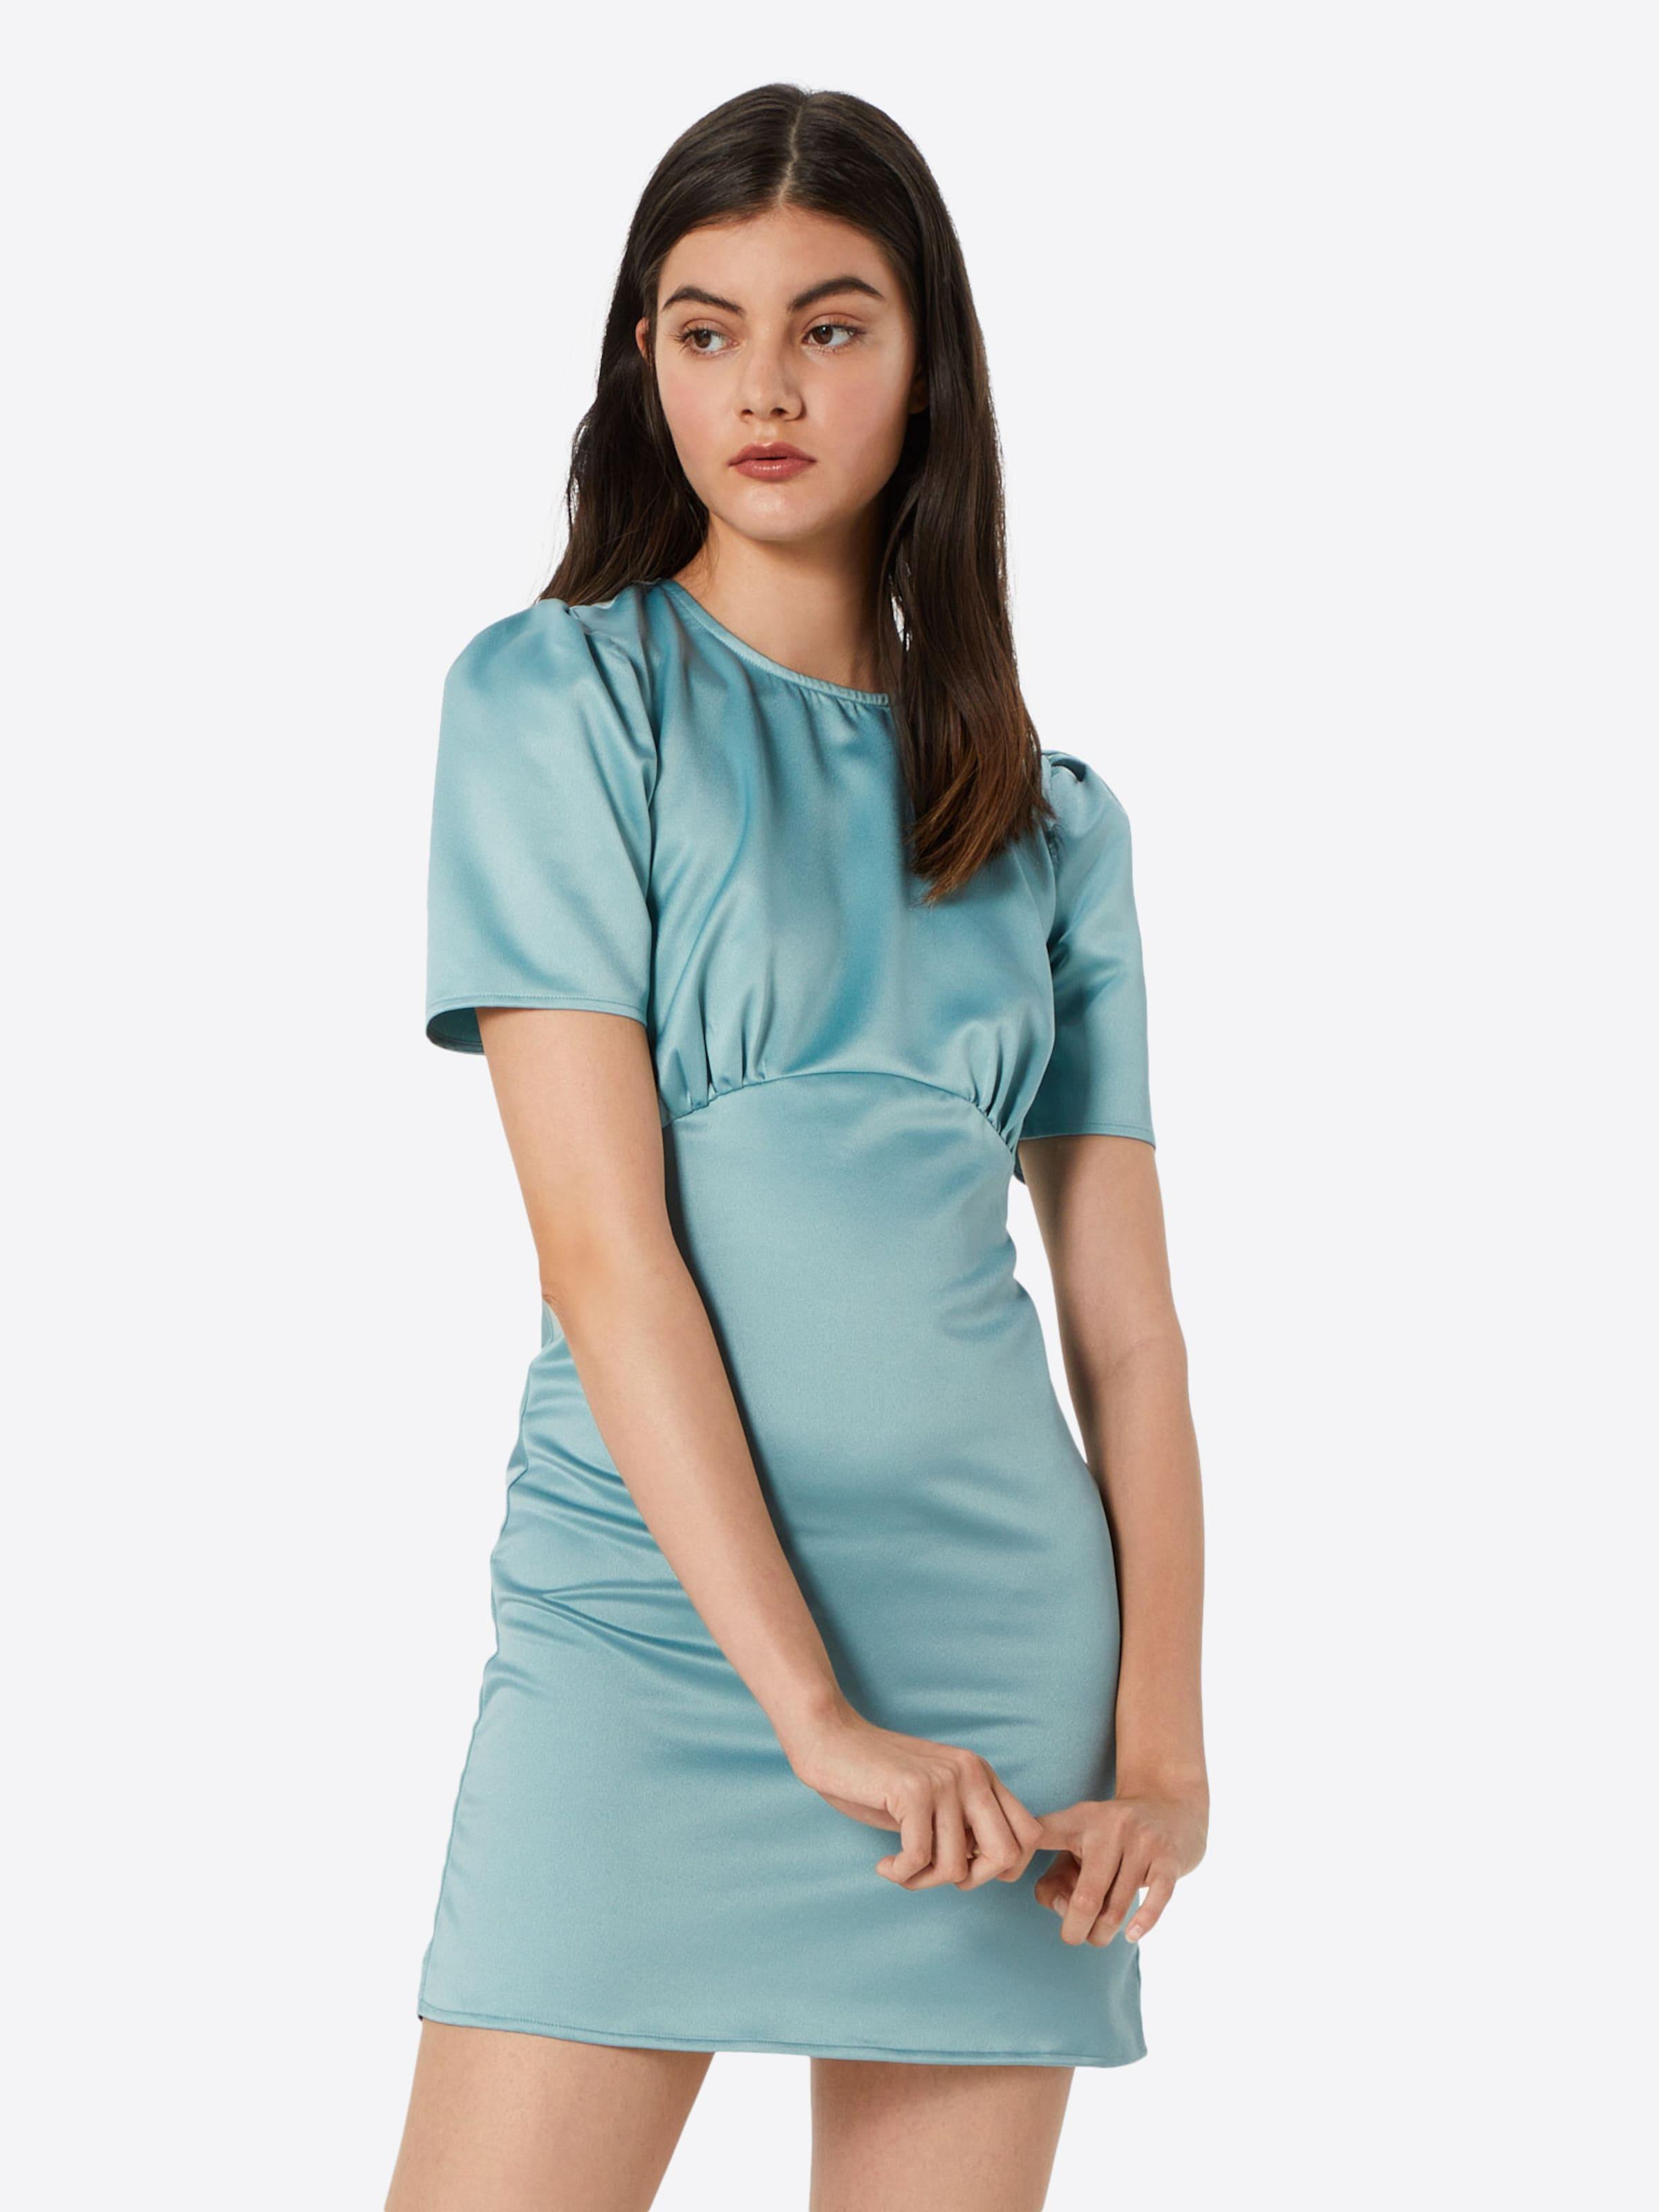 Ciel Fashion Robe En Union Bleu SMpUzVGq